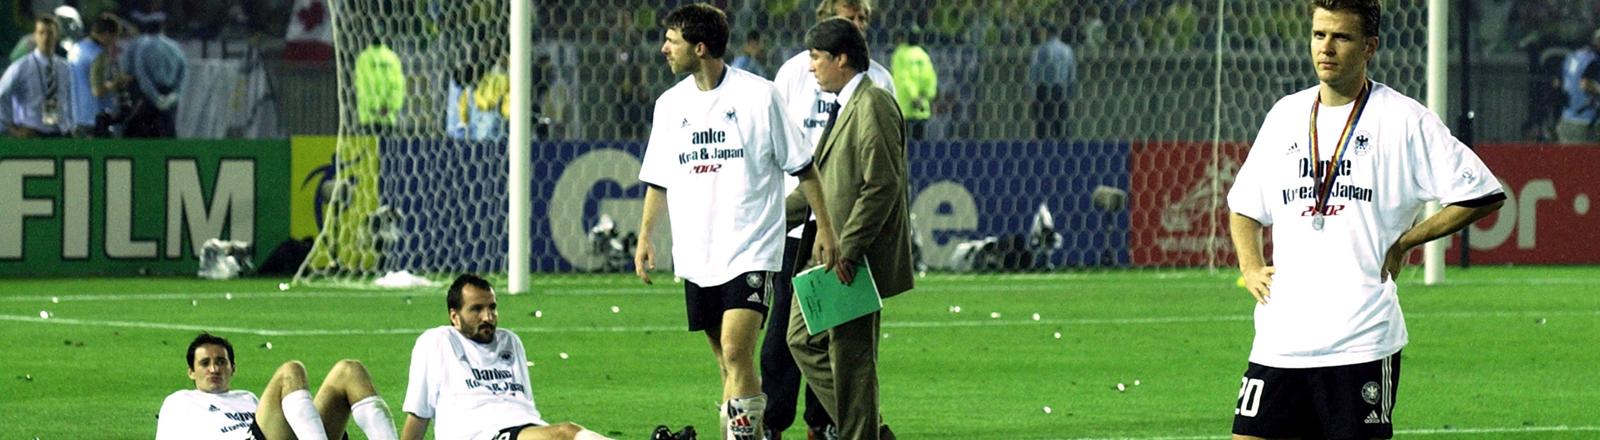 Enttäuschte Gesichter nach dem Aus im Spiel gegen Brasilien bei der WM 2002